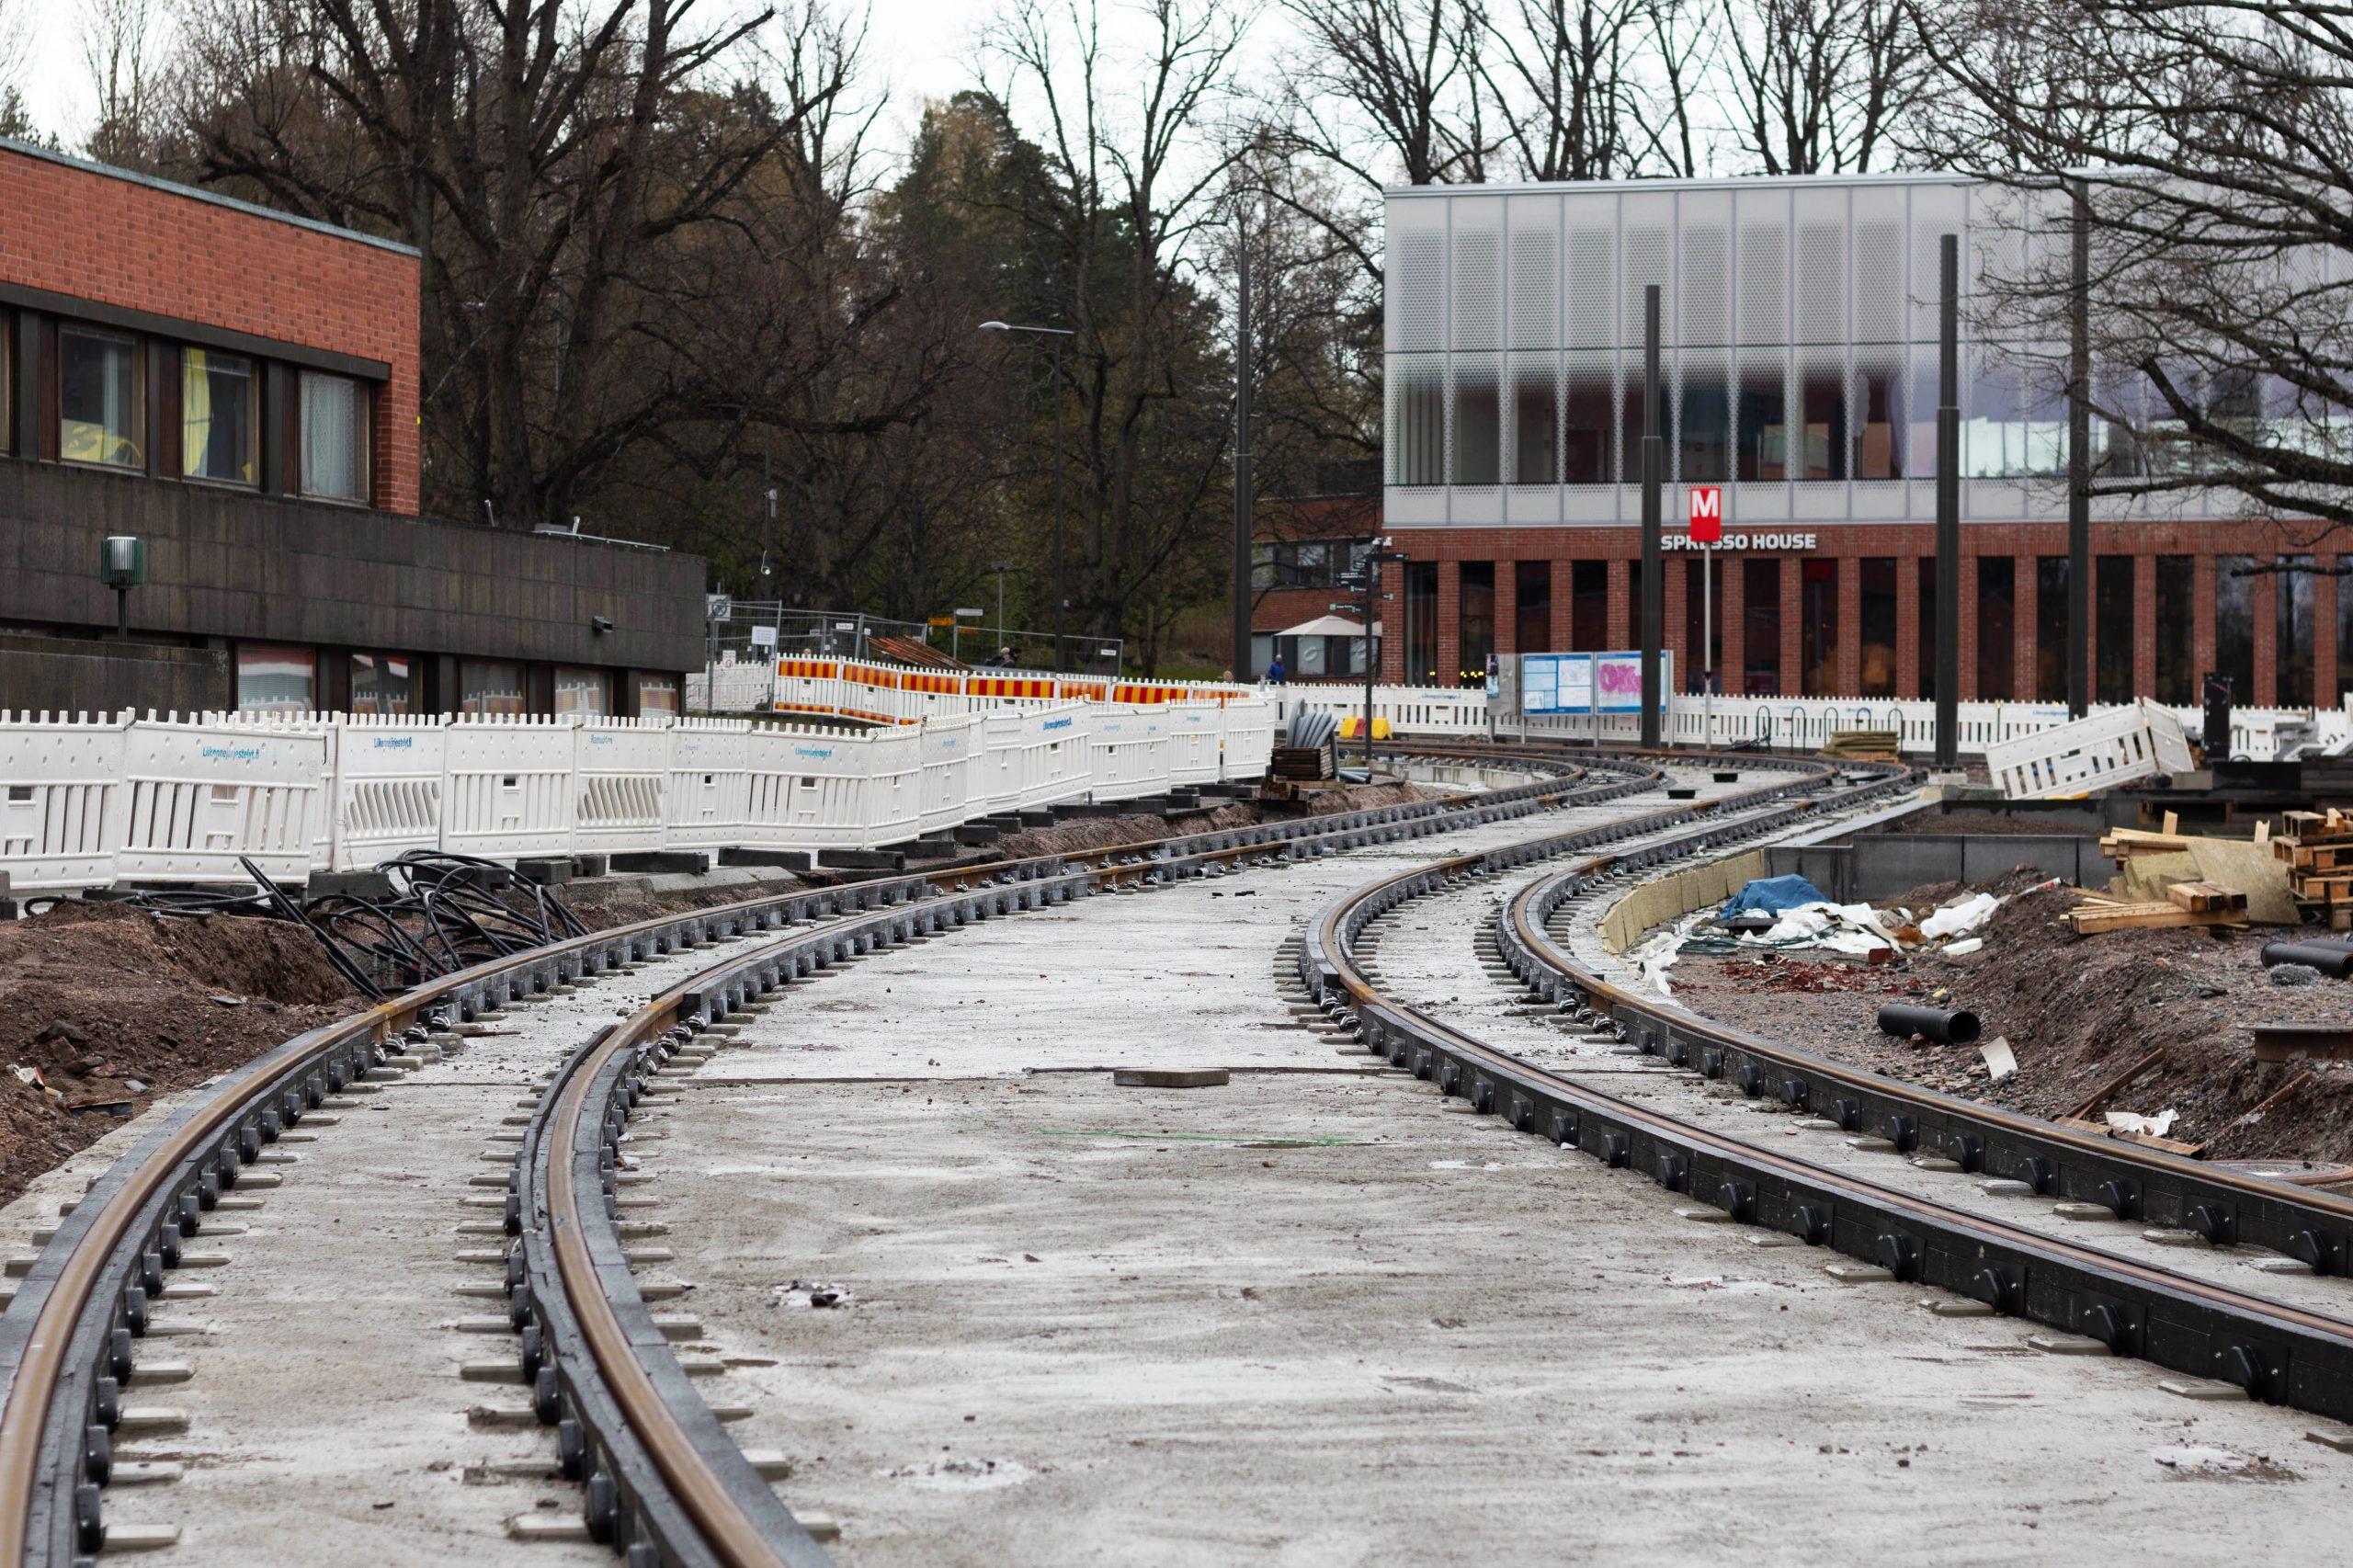 Korkeakoulunaukiolle asennetut kiskot ja valettu ratalaatta, taustalla näkyy Otaniemen metroaseman sisäänkäynti.